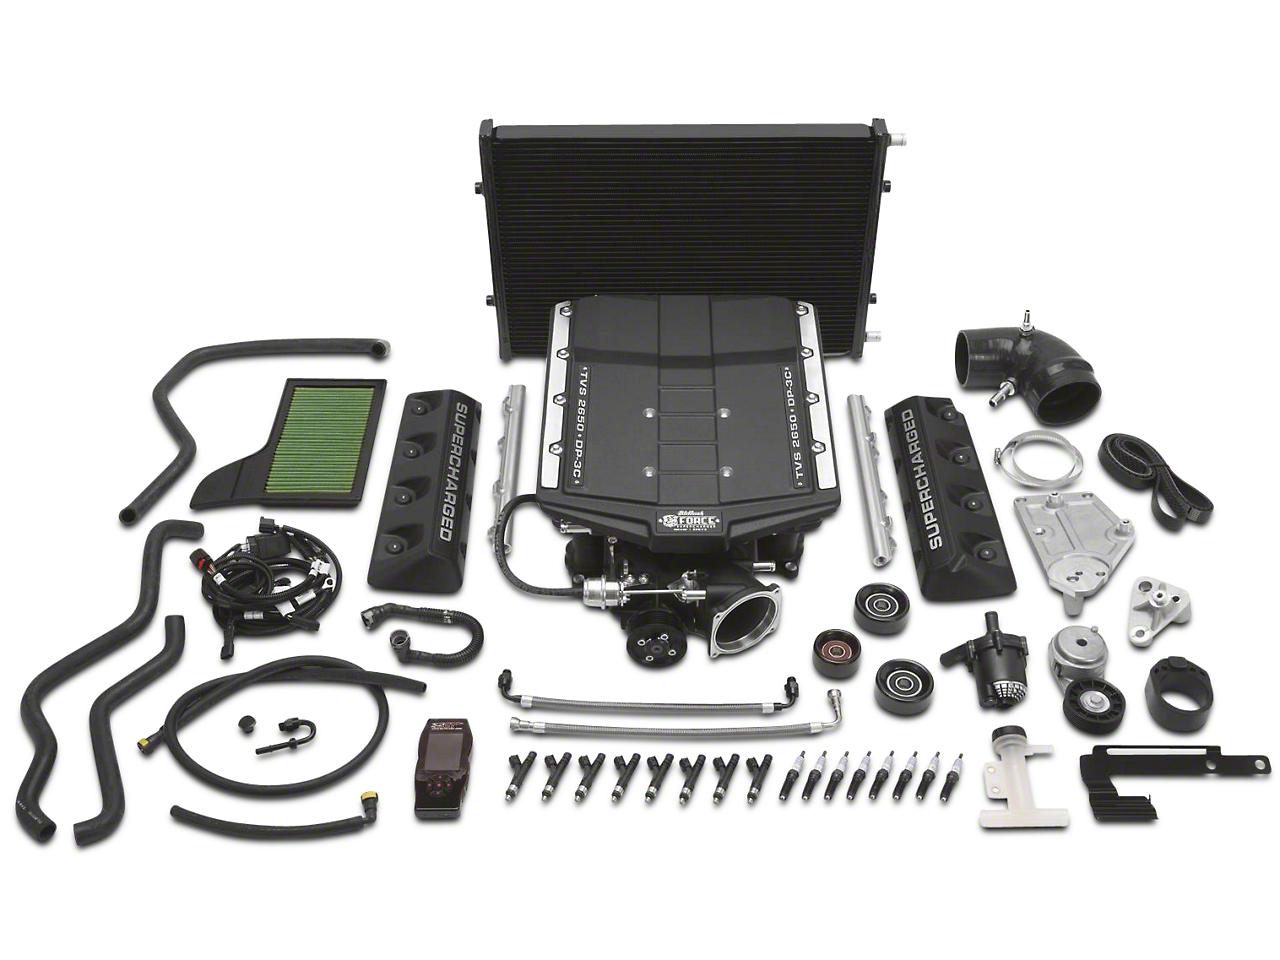 Edelbrock E-Force Stage 1 Street Supercharger Kit (15-17 GT)